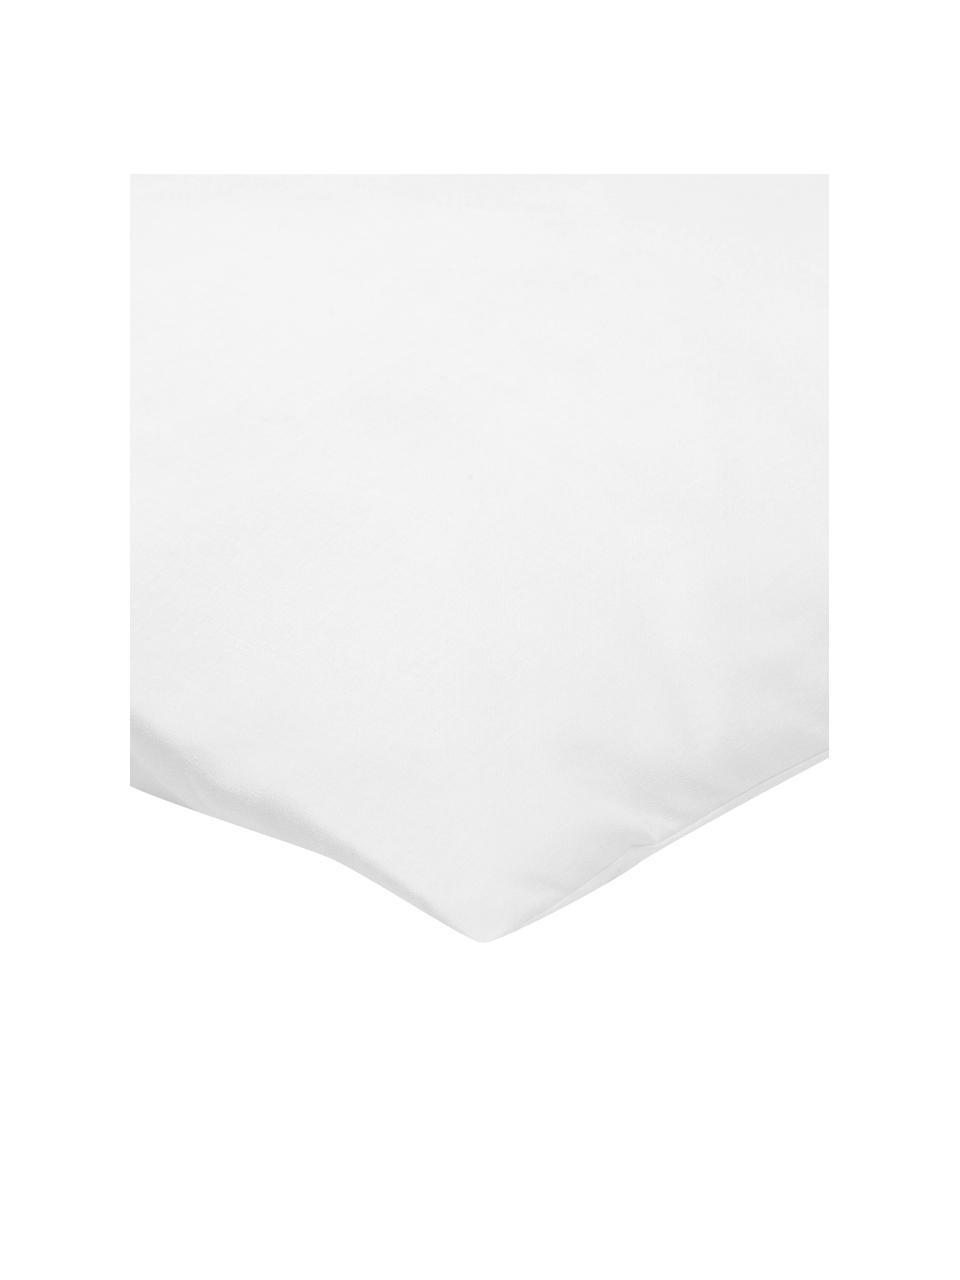 Wkład do poduszki z mikrofibry Sia, 40x40, Biały, S 40 x D 40 cm